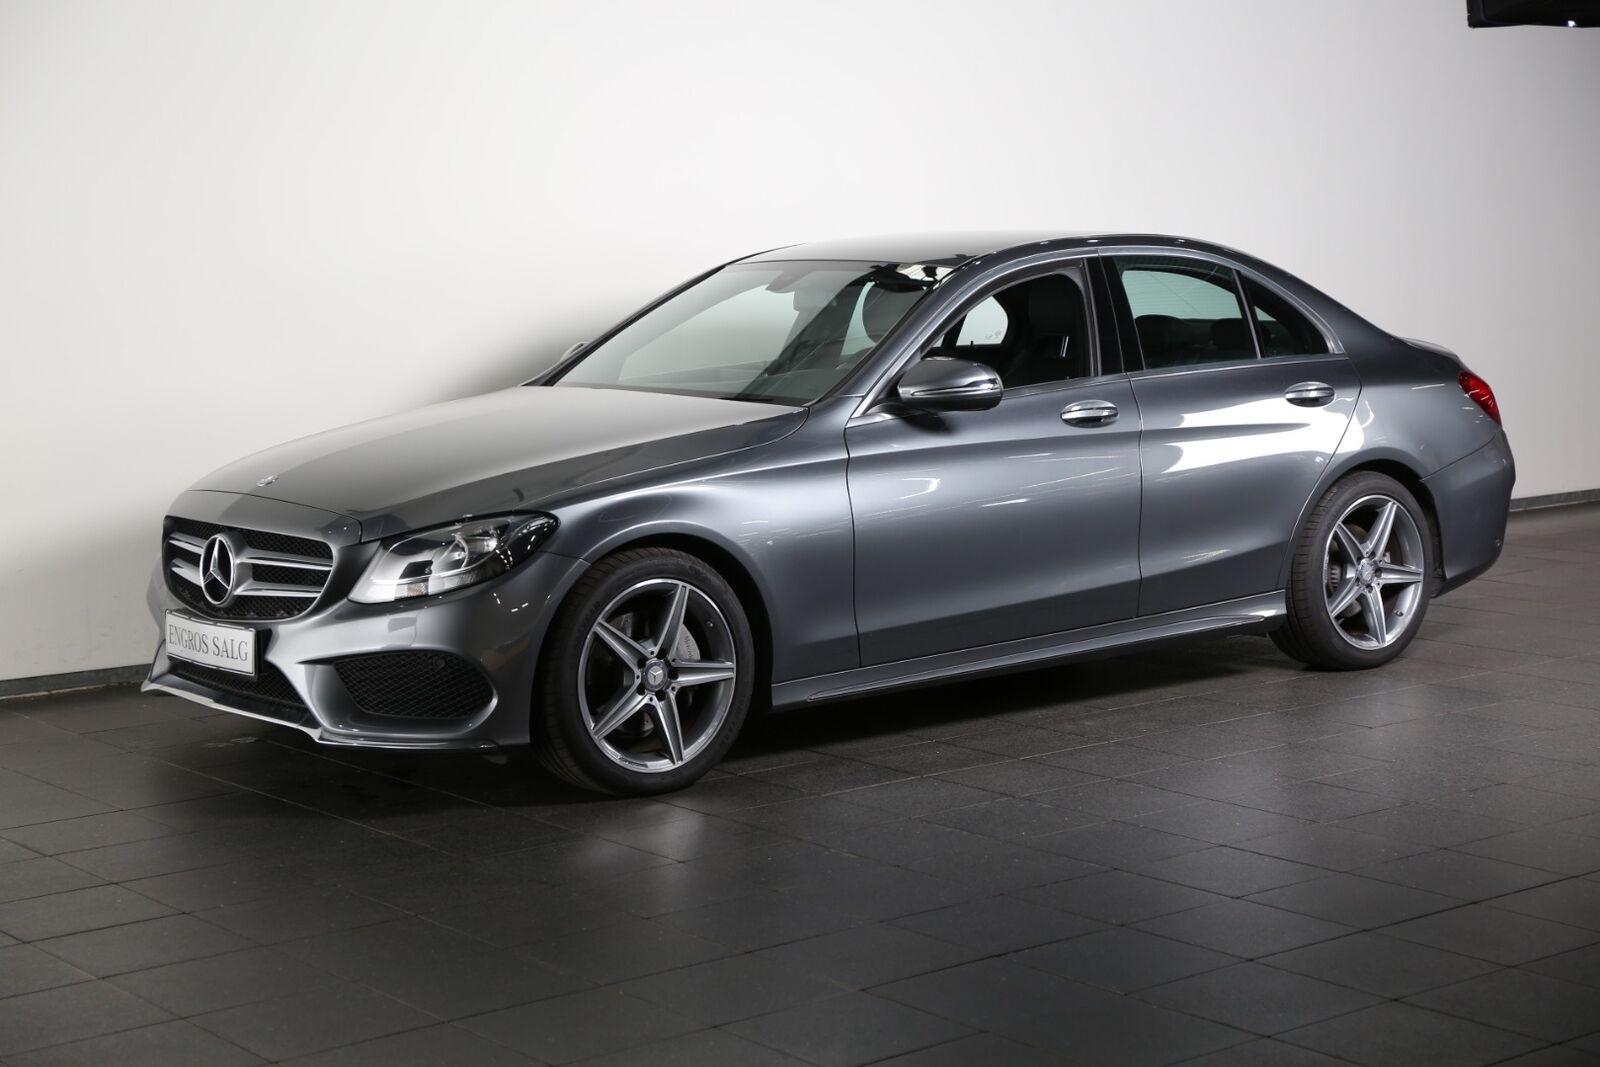 Mercedes-Benz C220 d 2,2 AMG Line aut.